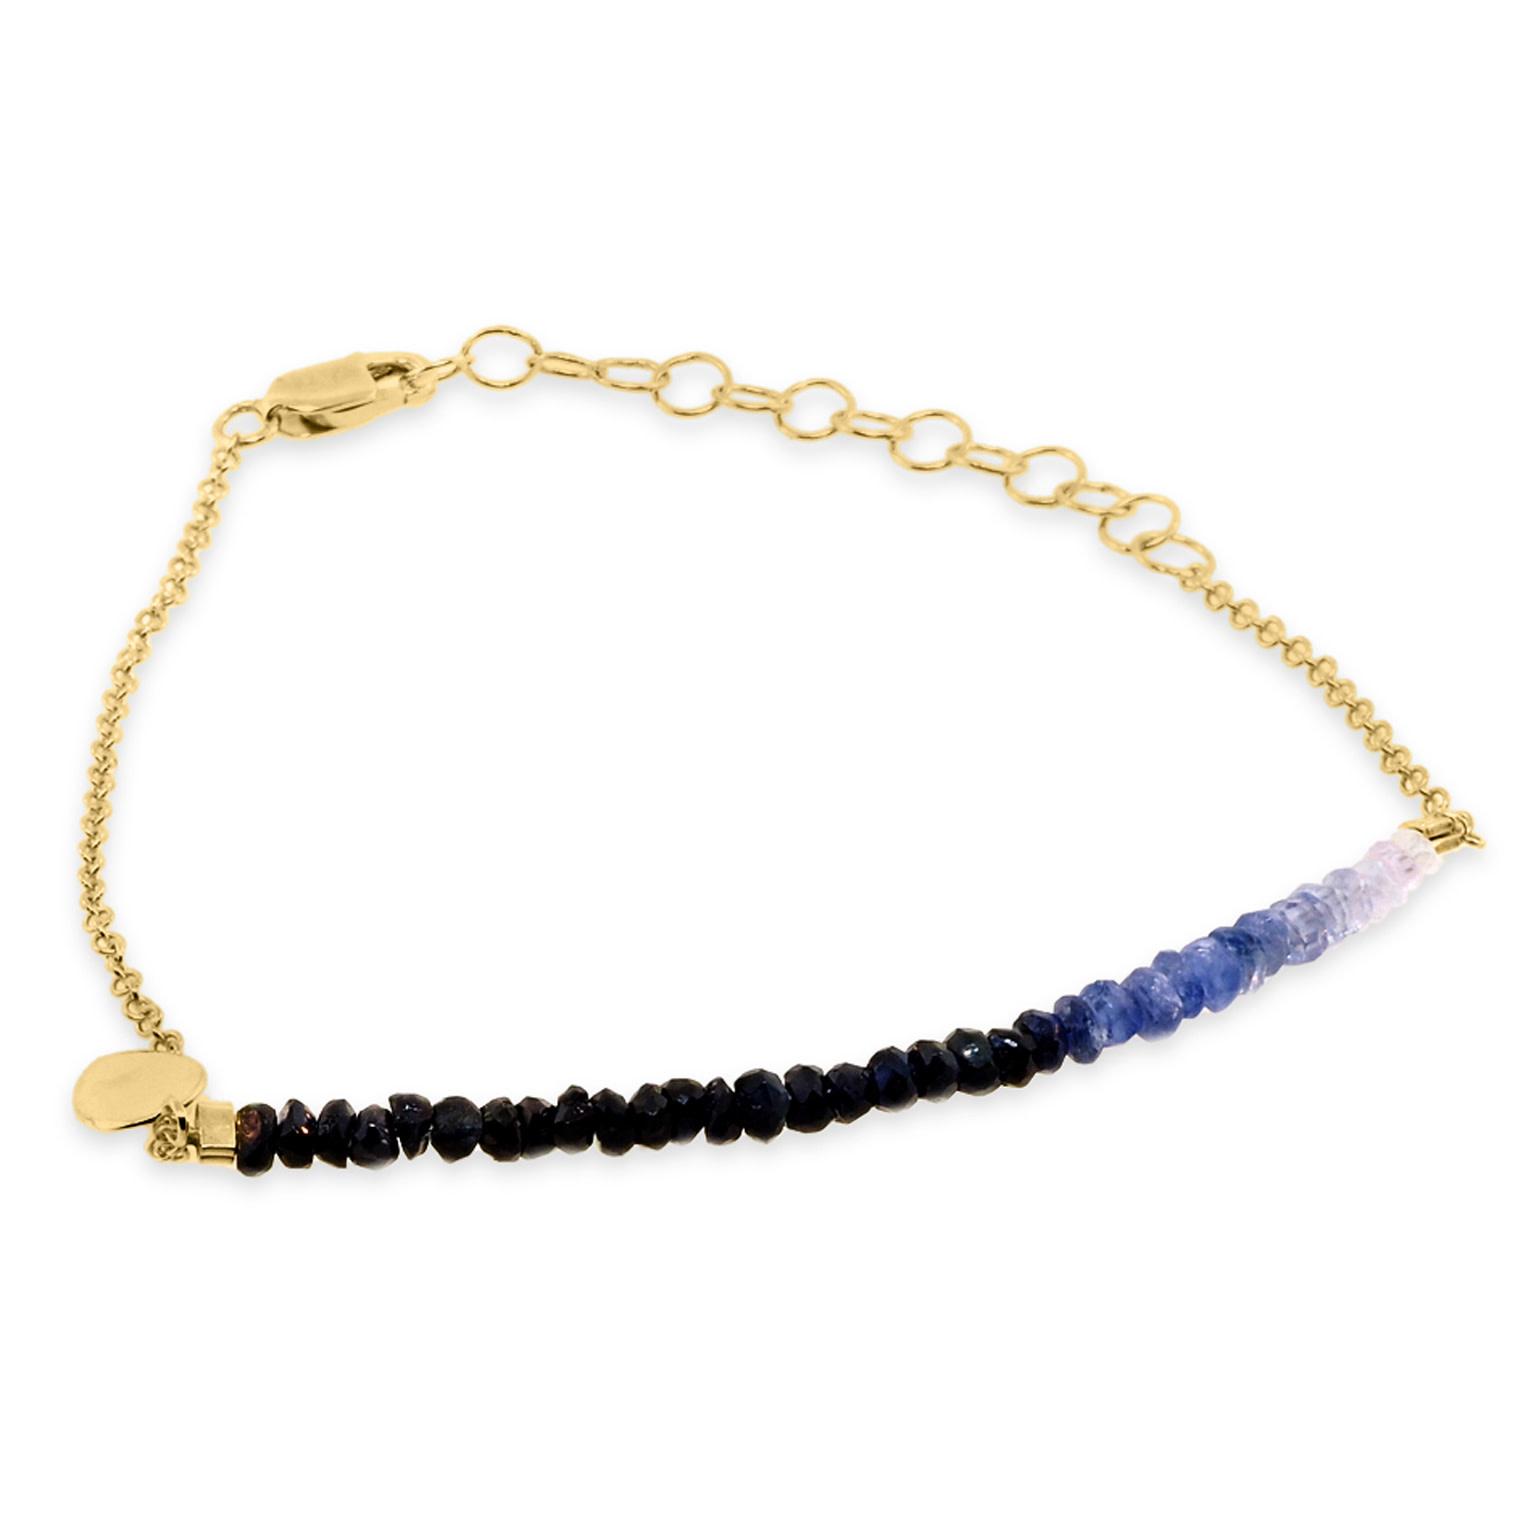 MeiraT Designs Ombre Sapphire Bead & Chain Bracelet